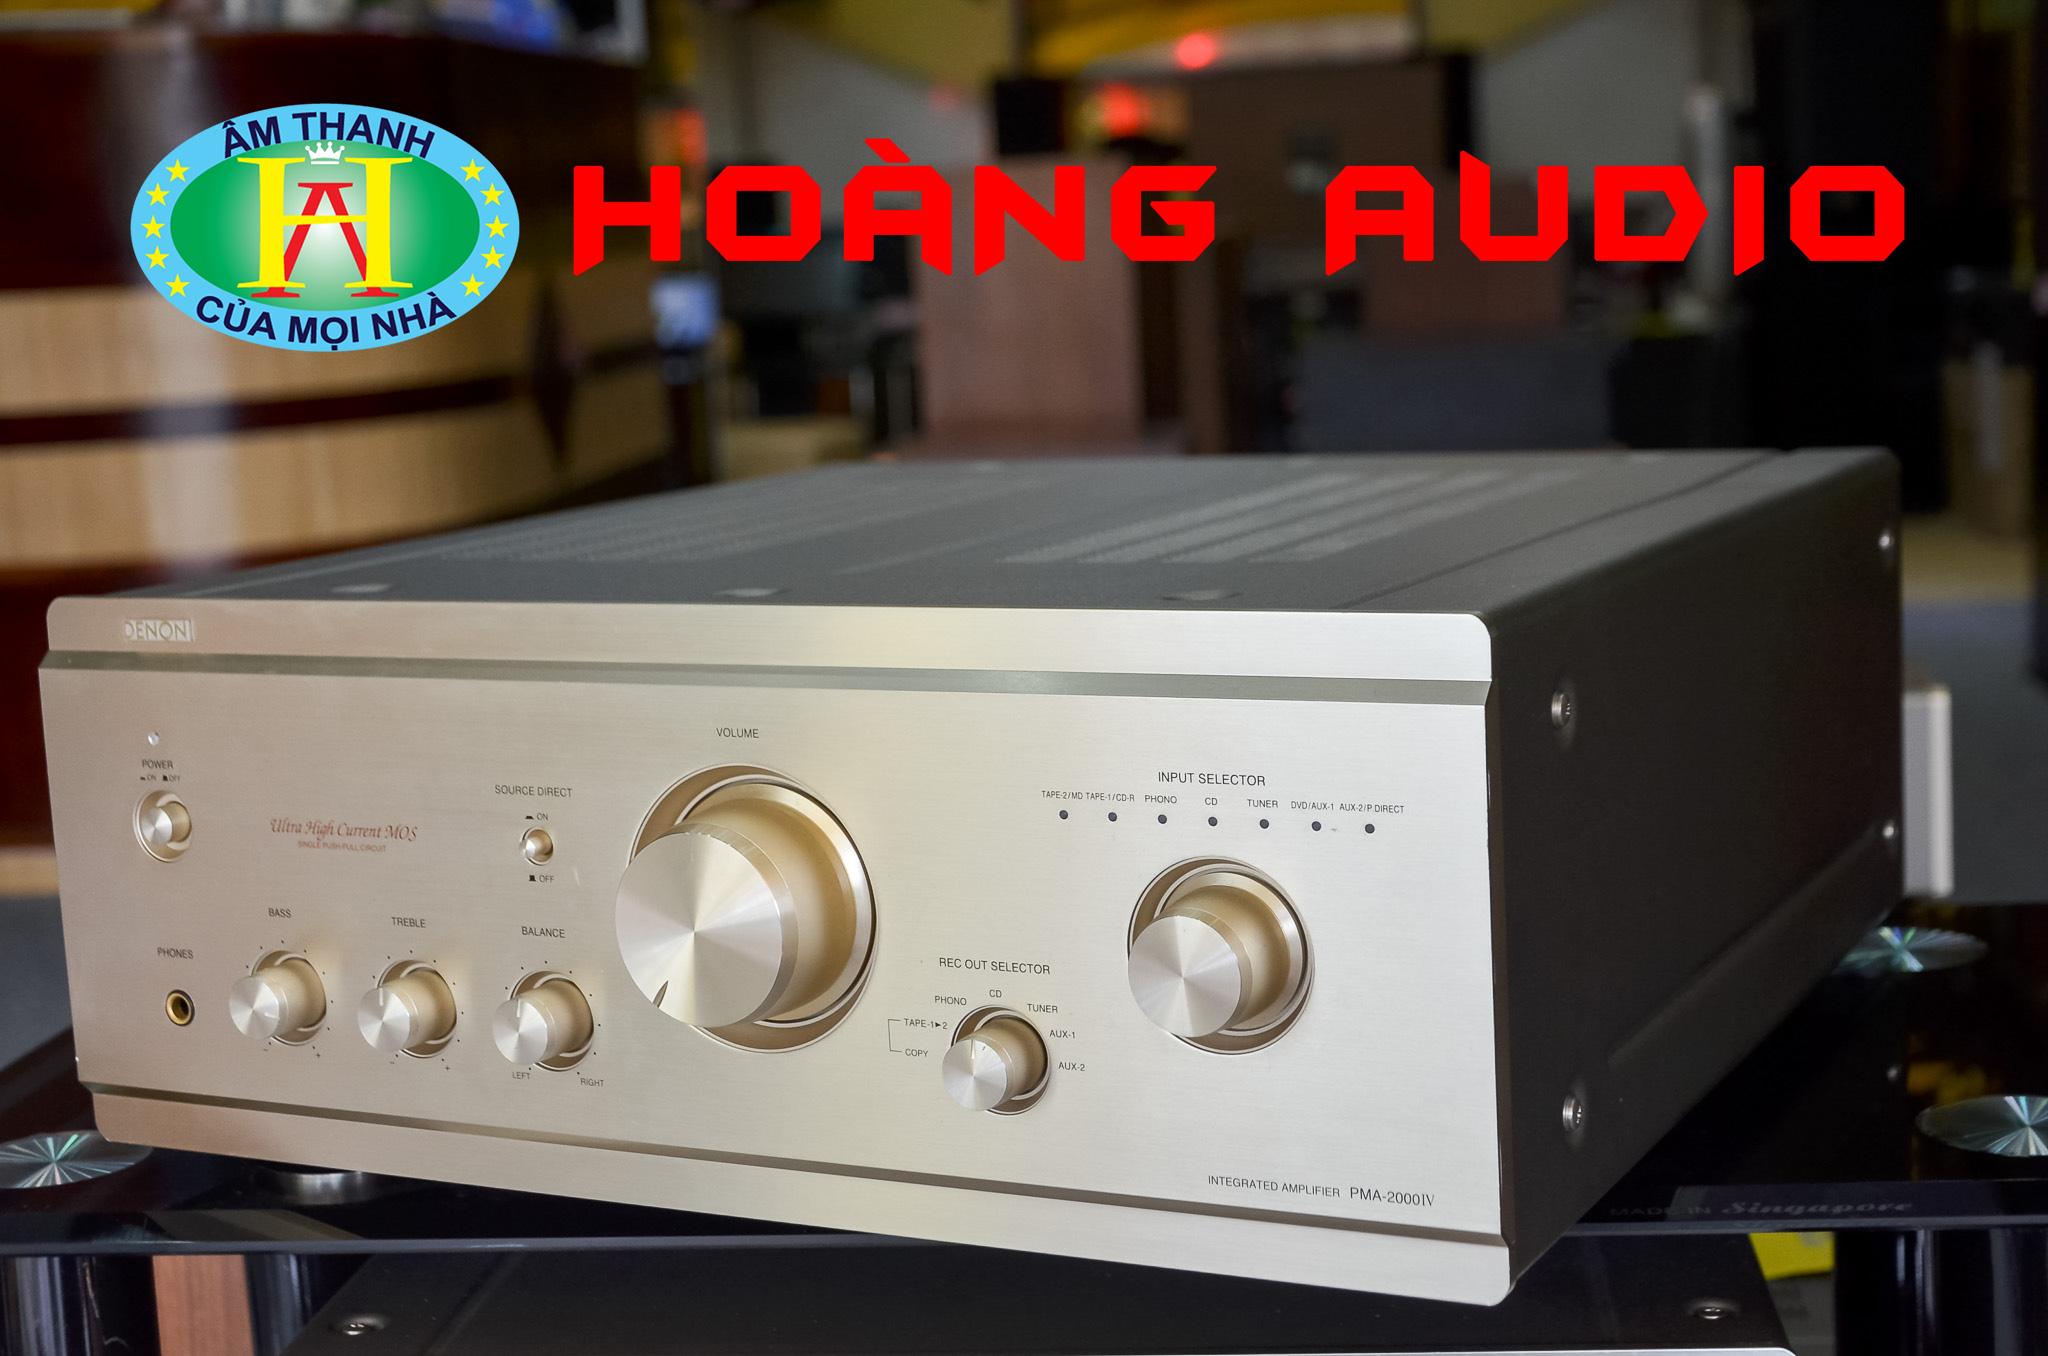 Thumbnail image for Tư vấn chọn mua amply cho dàn âm thanh nghe nhạc